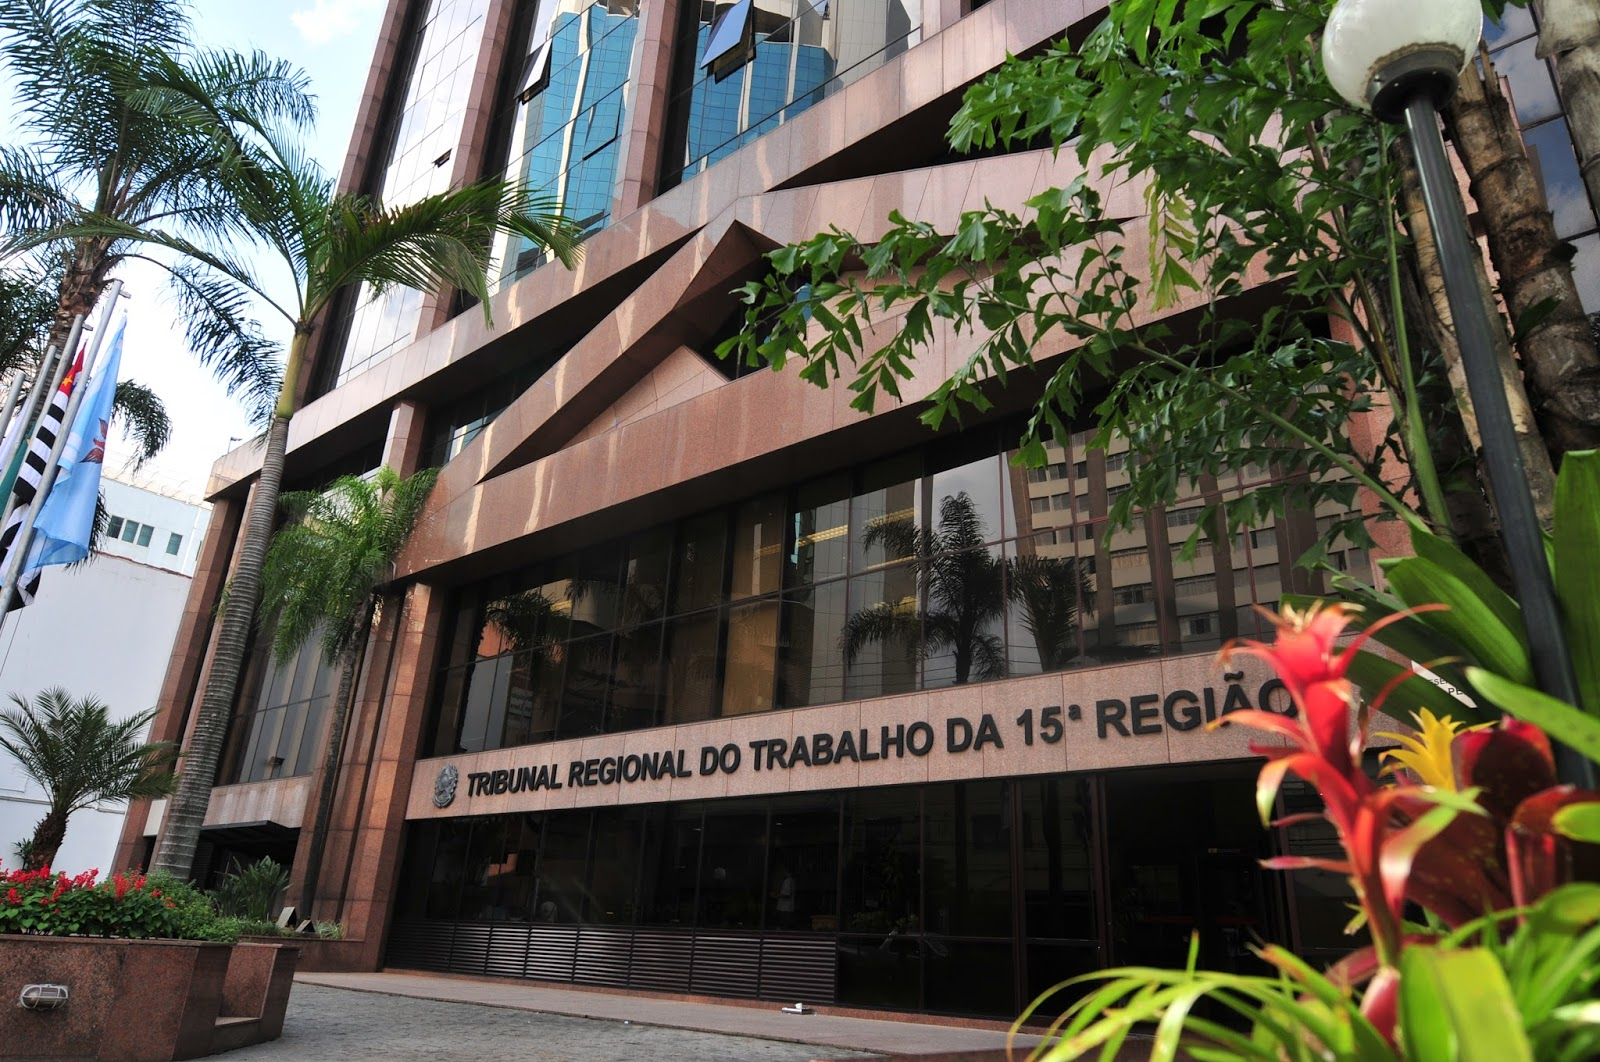 TRIBUNAL REGIONAL DO TRABALHO DA 15ª REGIÃO PROMOVE ATO PÚBLICO   Panorama  de Negócios